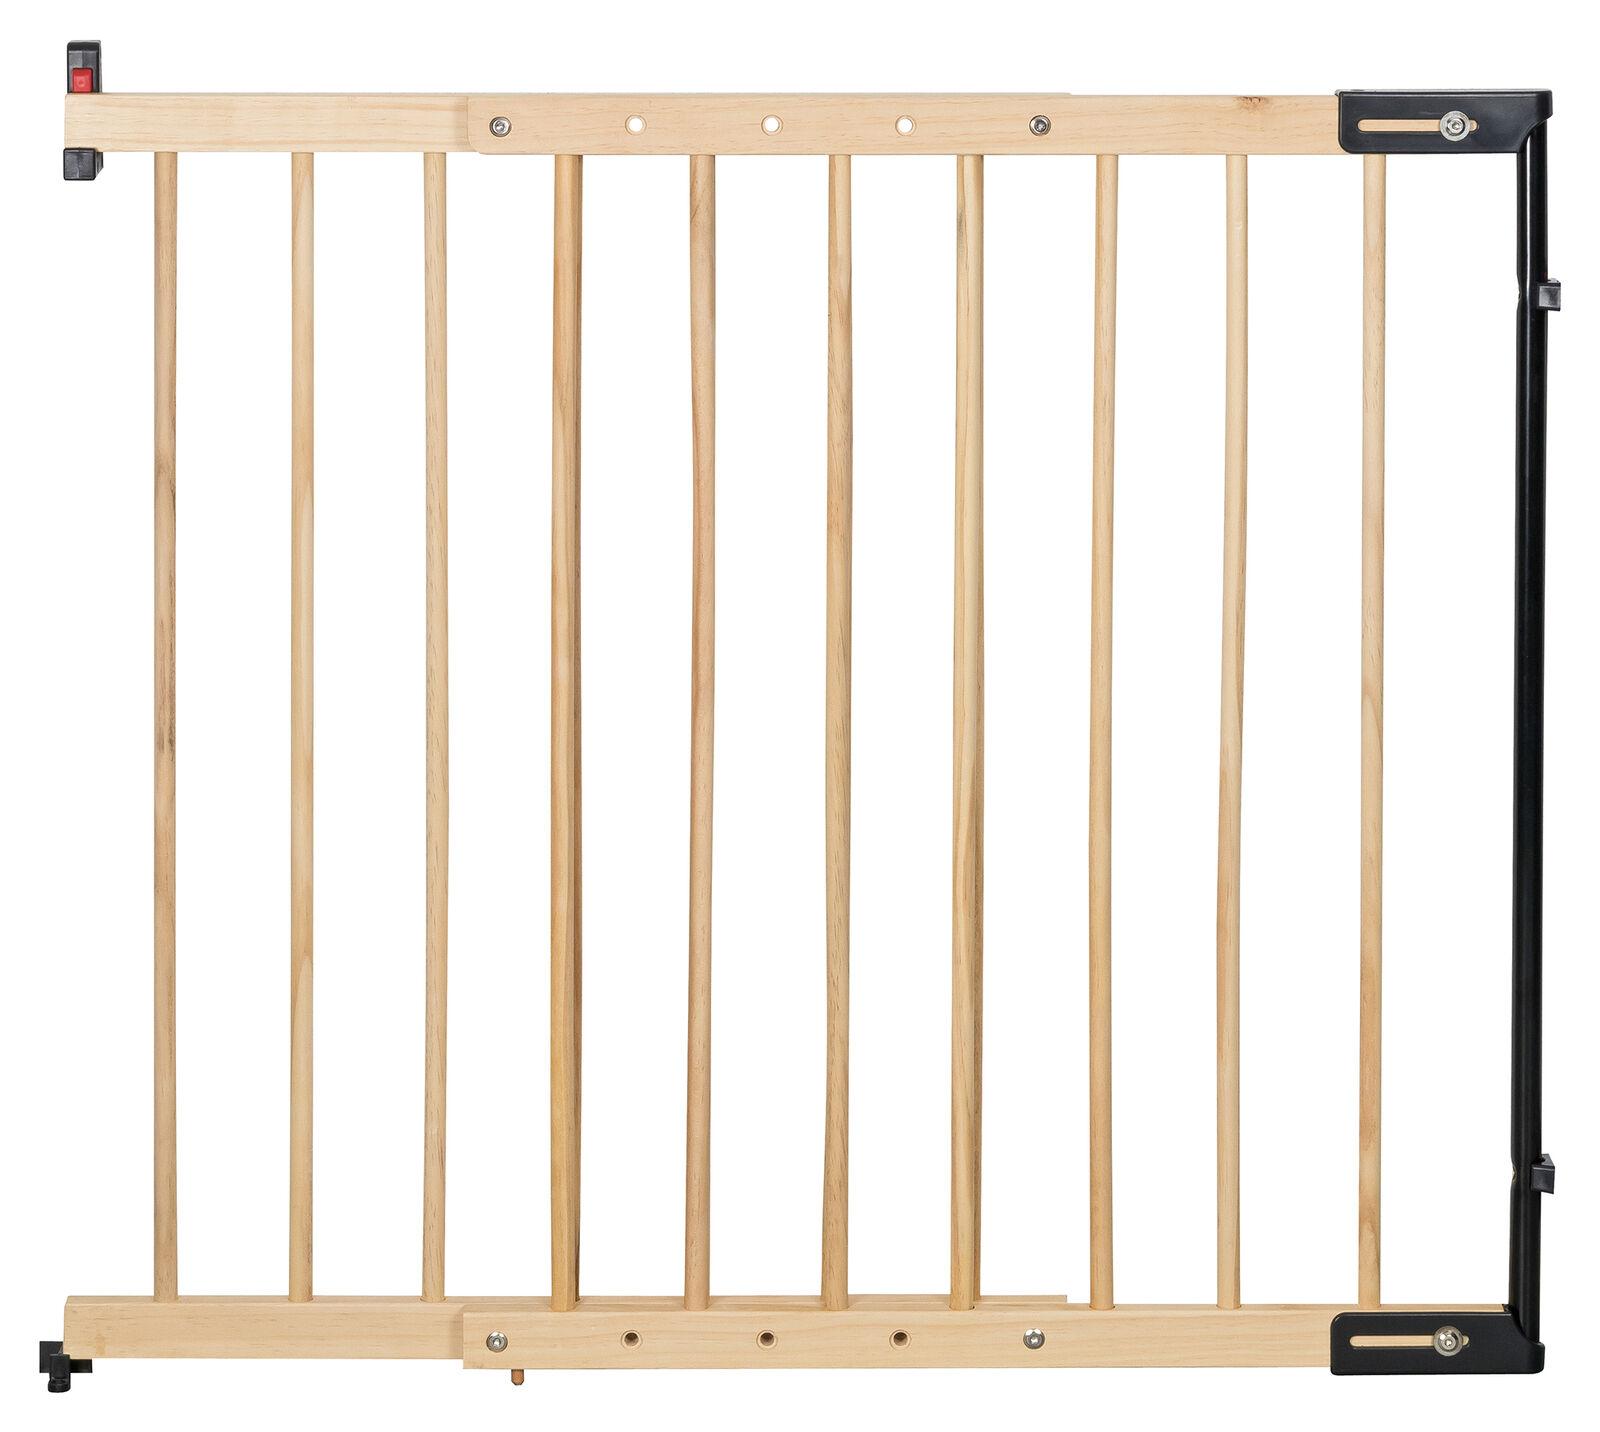 Treppenschutzgitter Clamaro verstellbar von 65 - 118 cm, universal Treppen, Tür